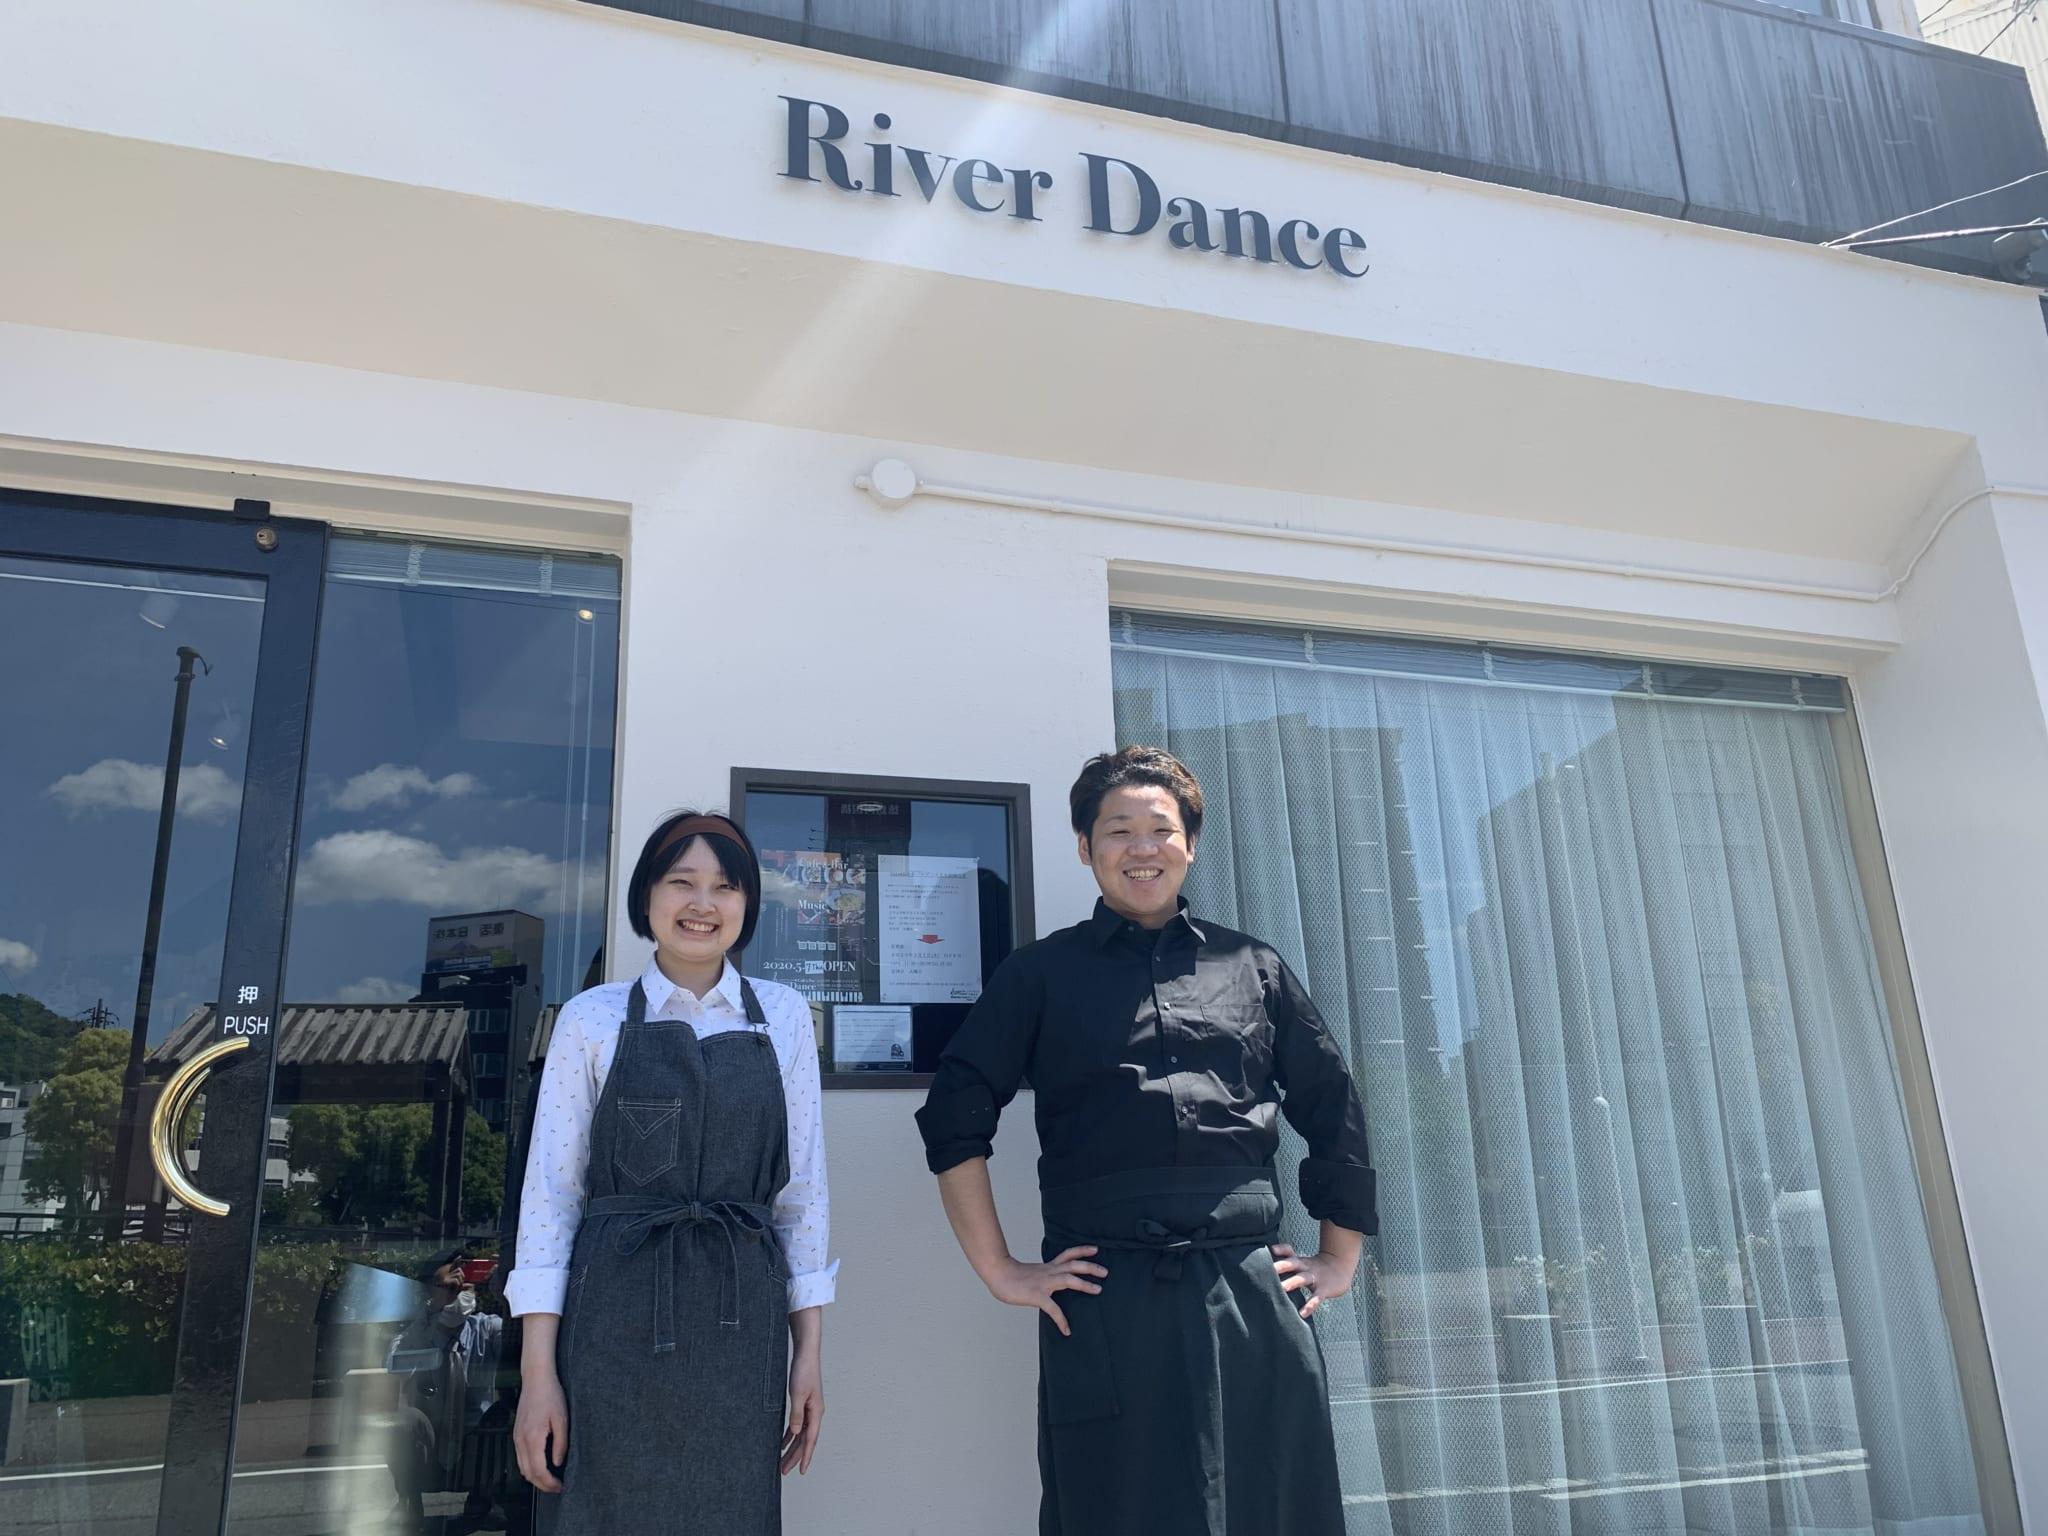 【5月OPEN】Cafe&Barリバーダンス(徳島市両国本町)新町川のほとりに音楽好きが集う、カフェ&バーがオープン。